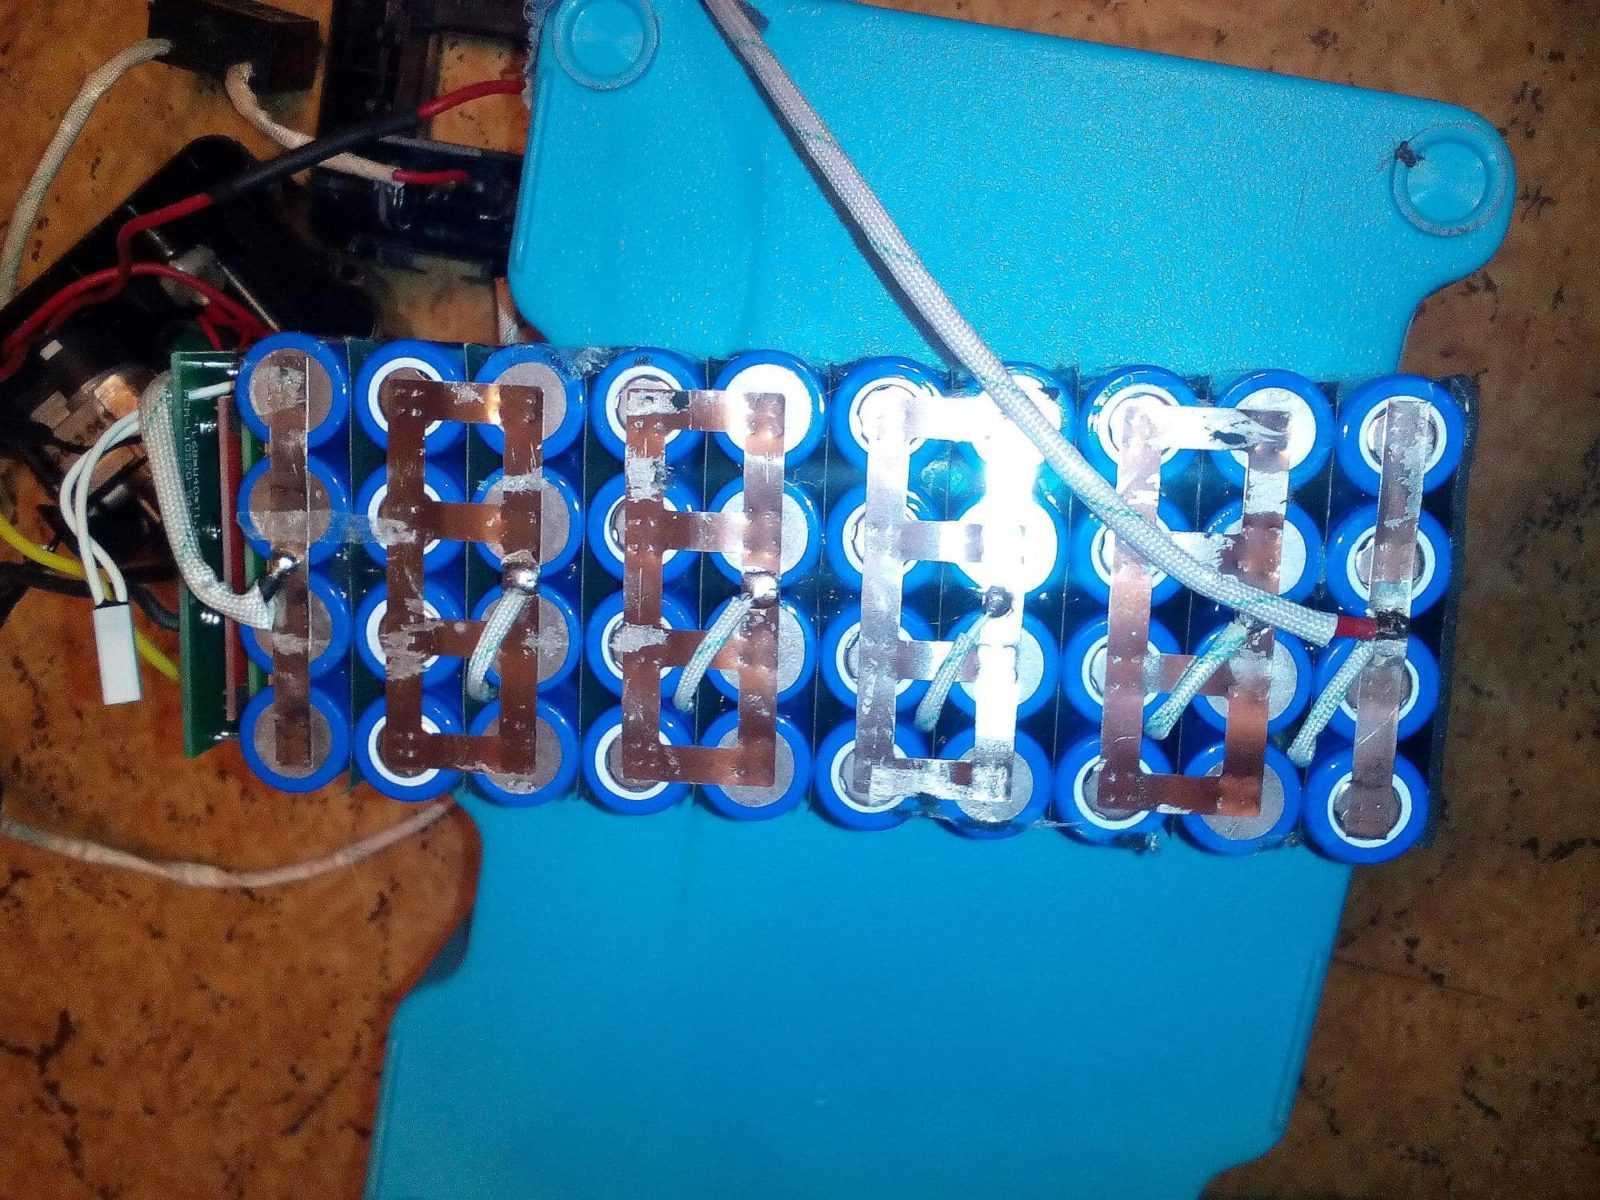 Устройство аккумулятора электровелосипеда (Li-ion аккумулятор)